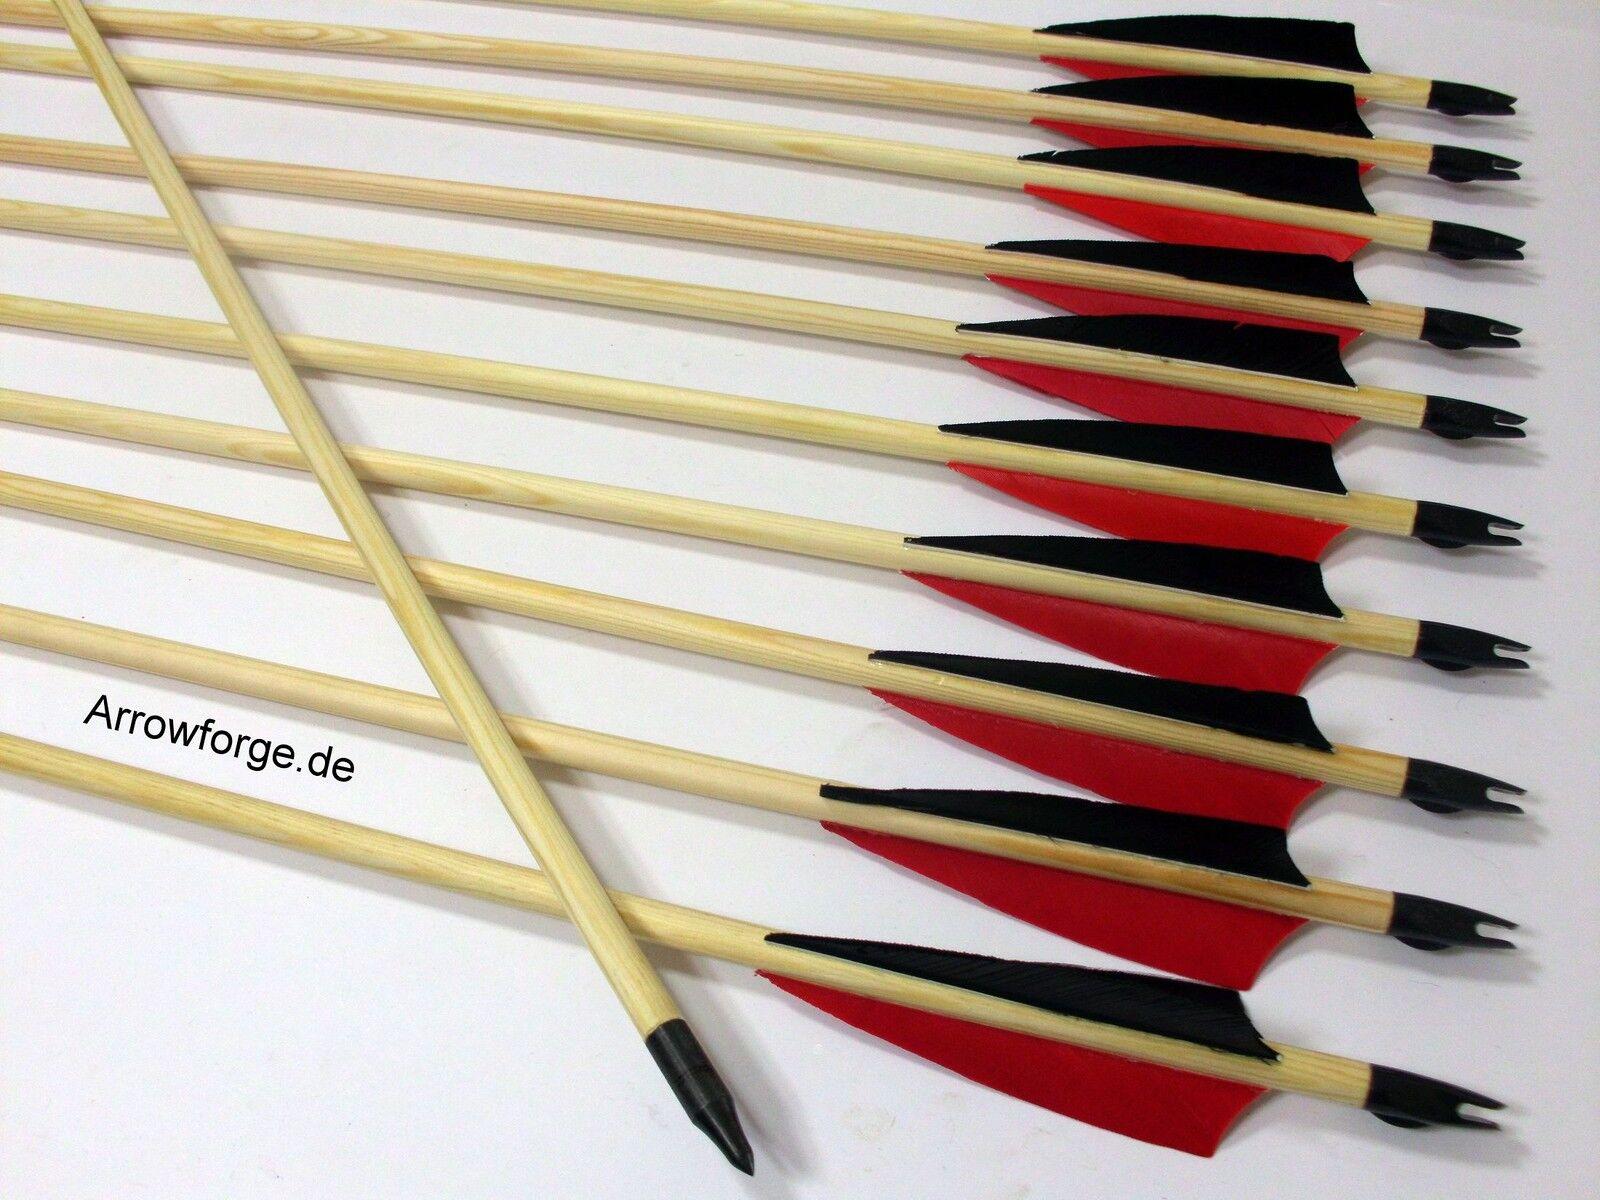 10x Holzpfeile  Langbogenpfeile Pfeile traditionell Langbogen 4  Shield Rot Schw